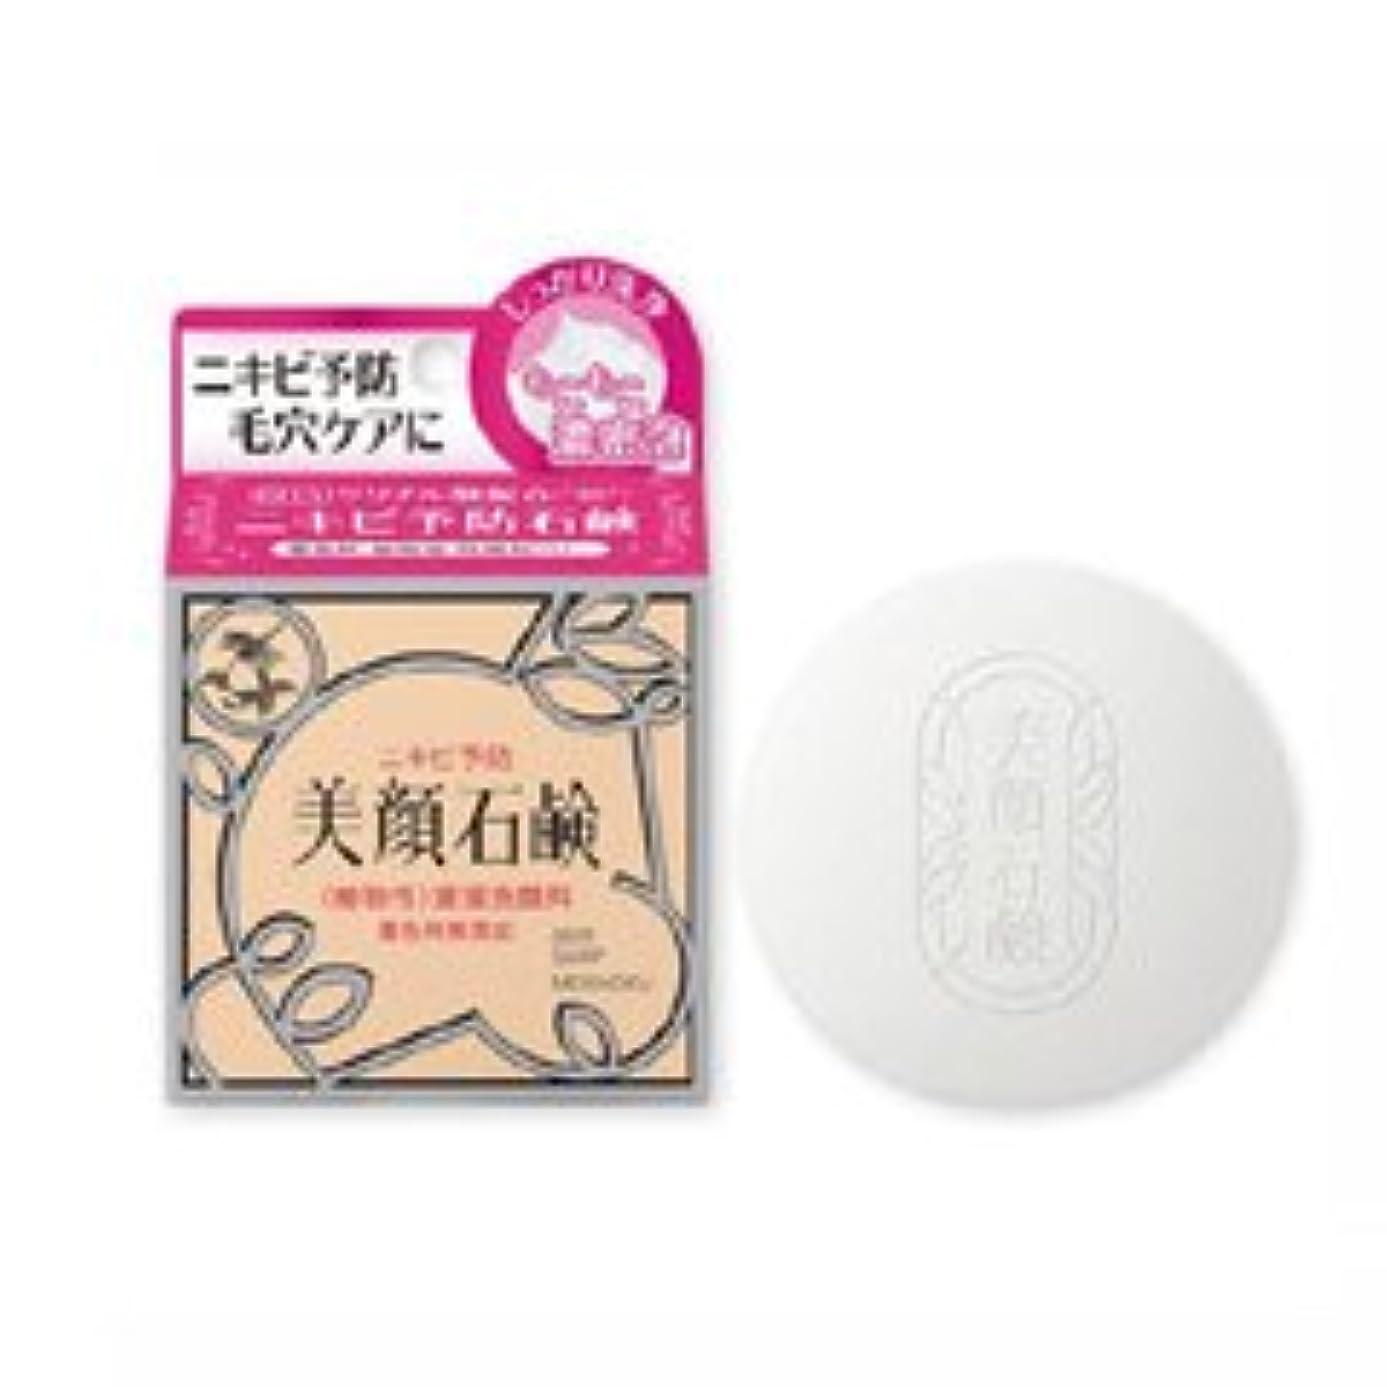 ソーシャル後期限美顔石鹸 80g 【明色】